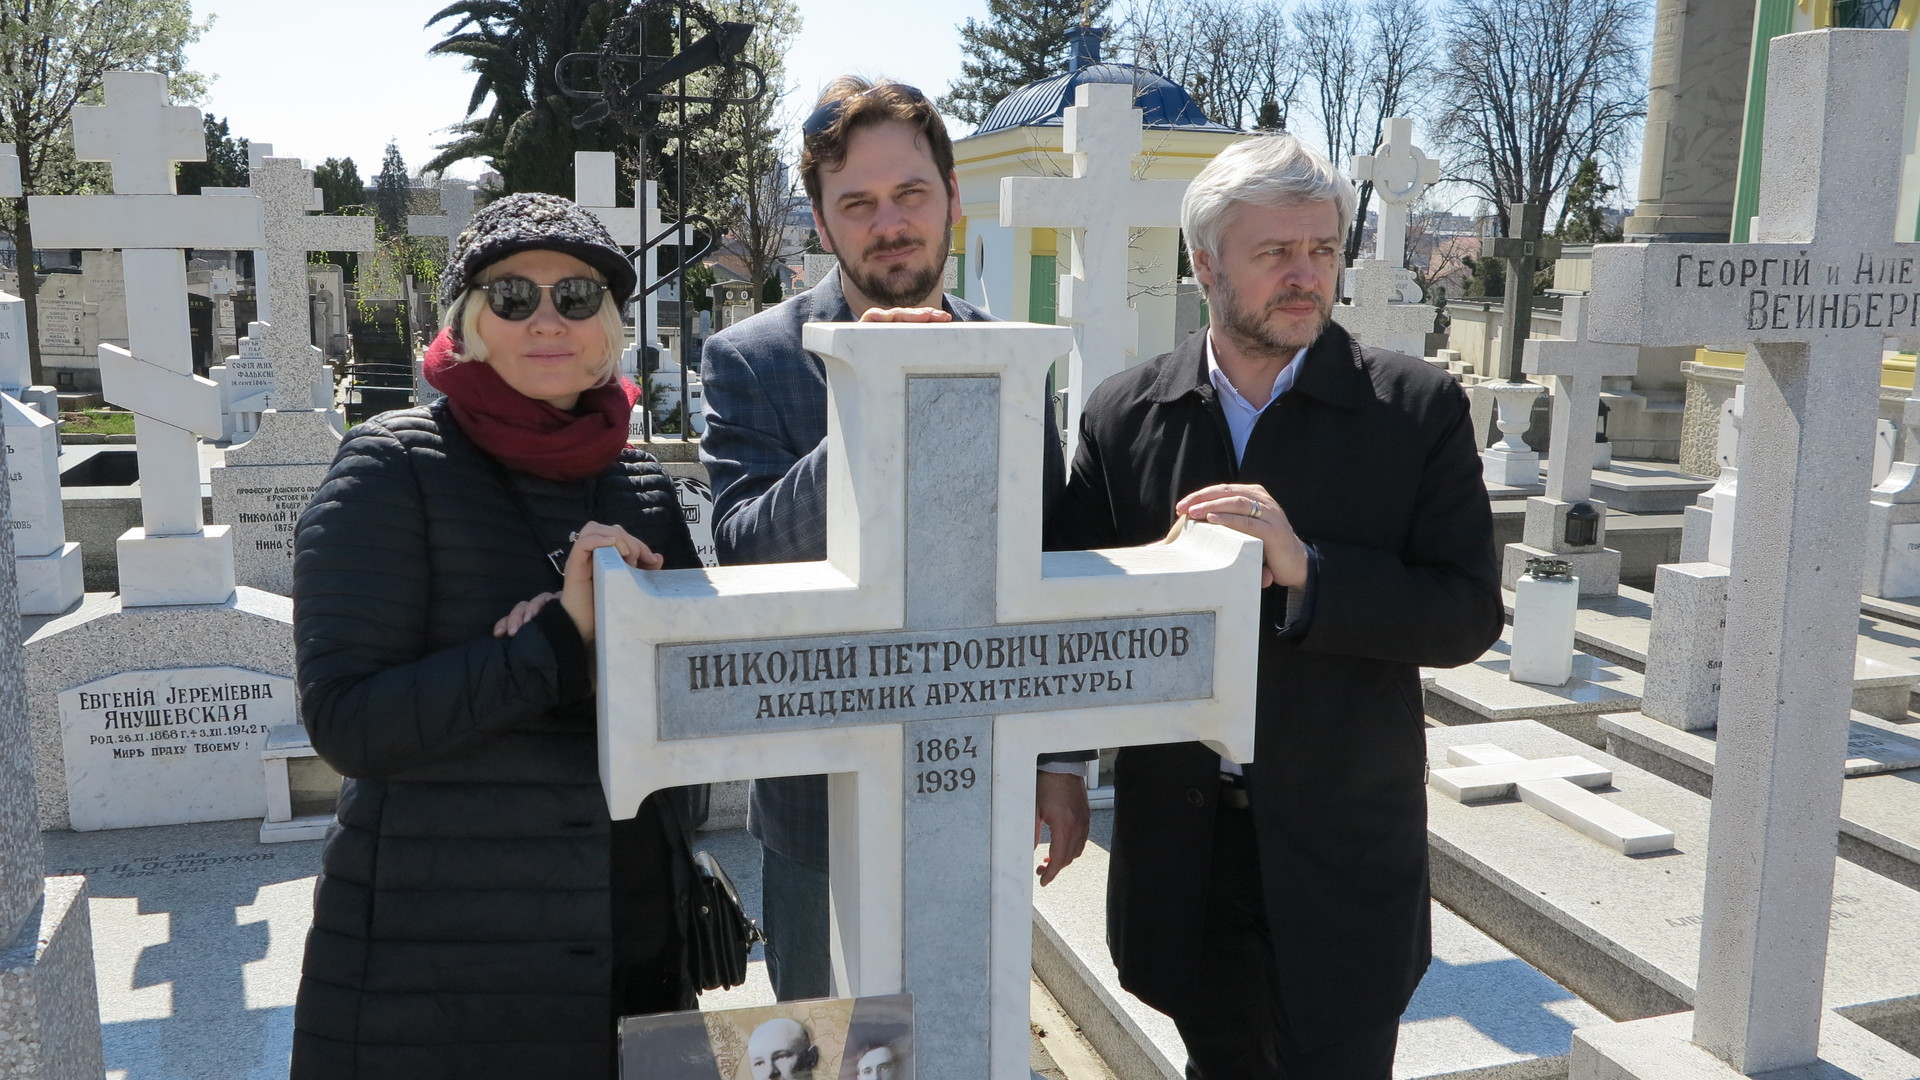 Јелена Громова, Филип Кудрјашов и Сергеј Зајцев